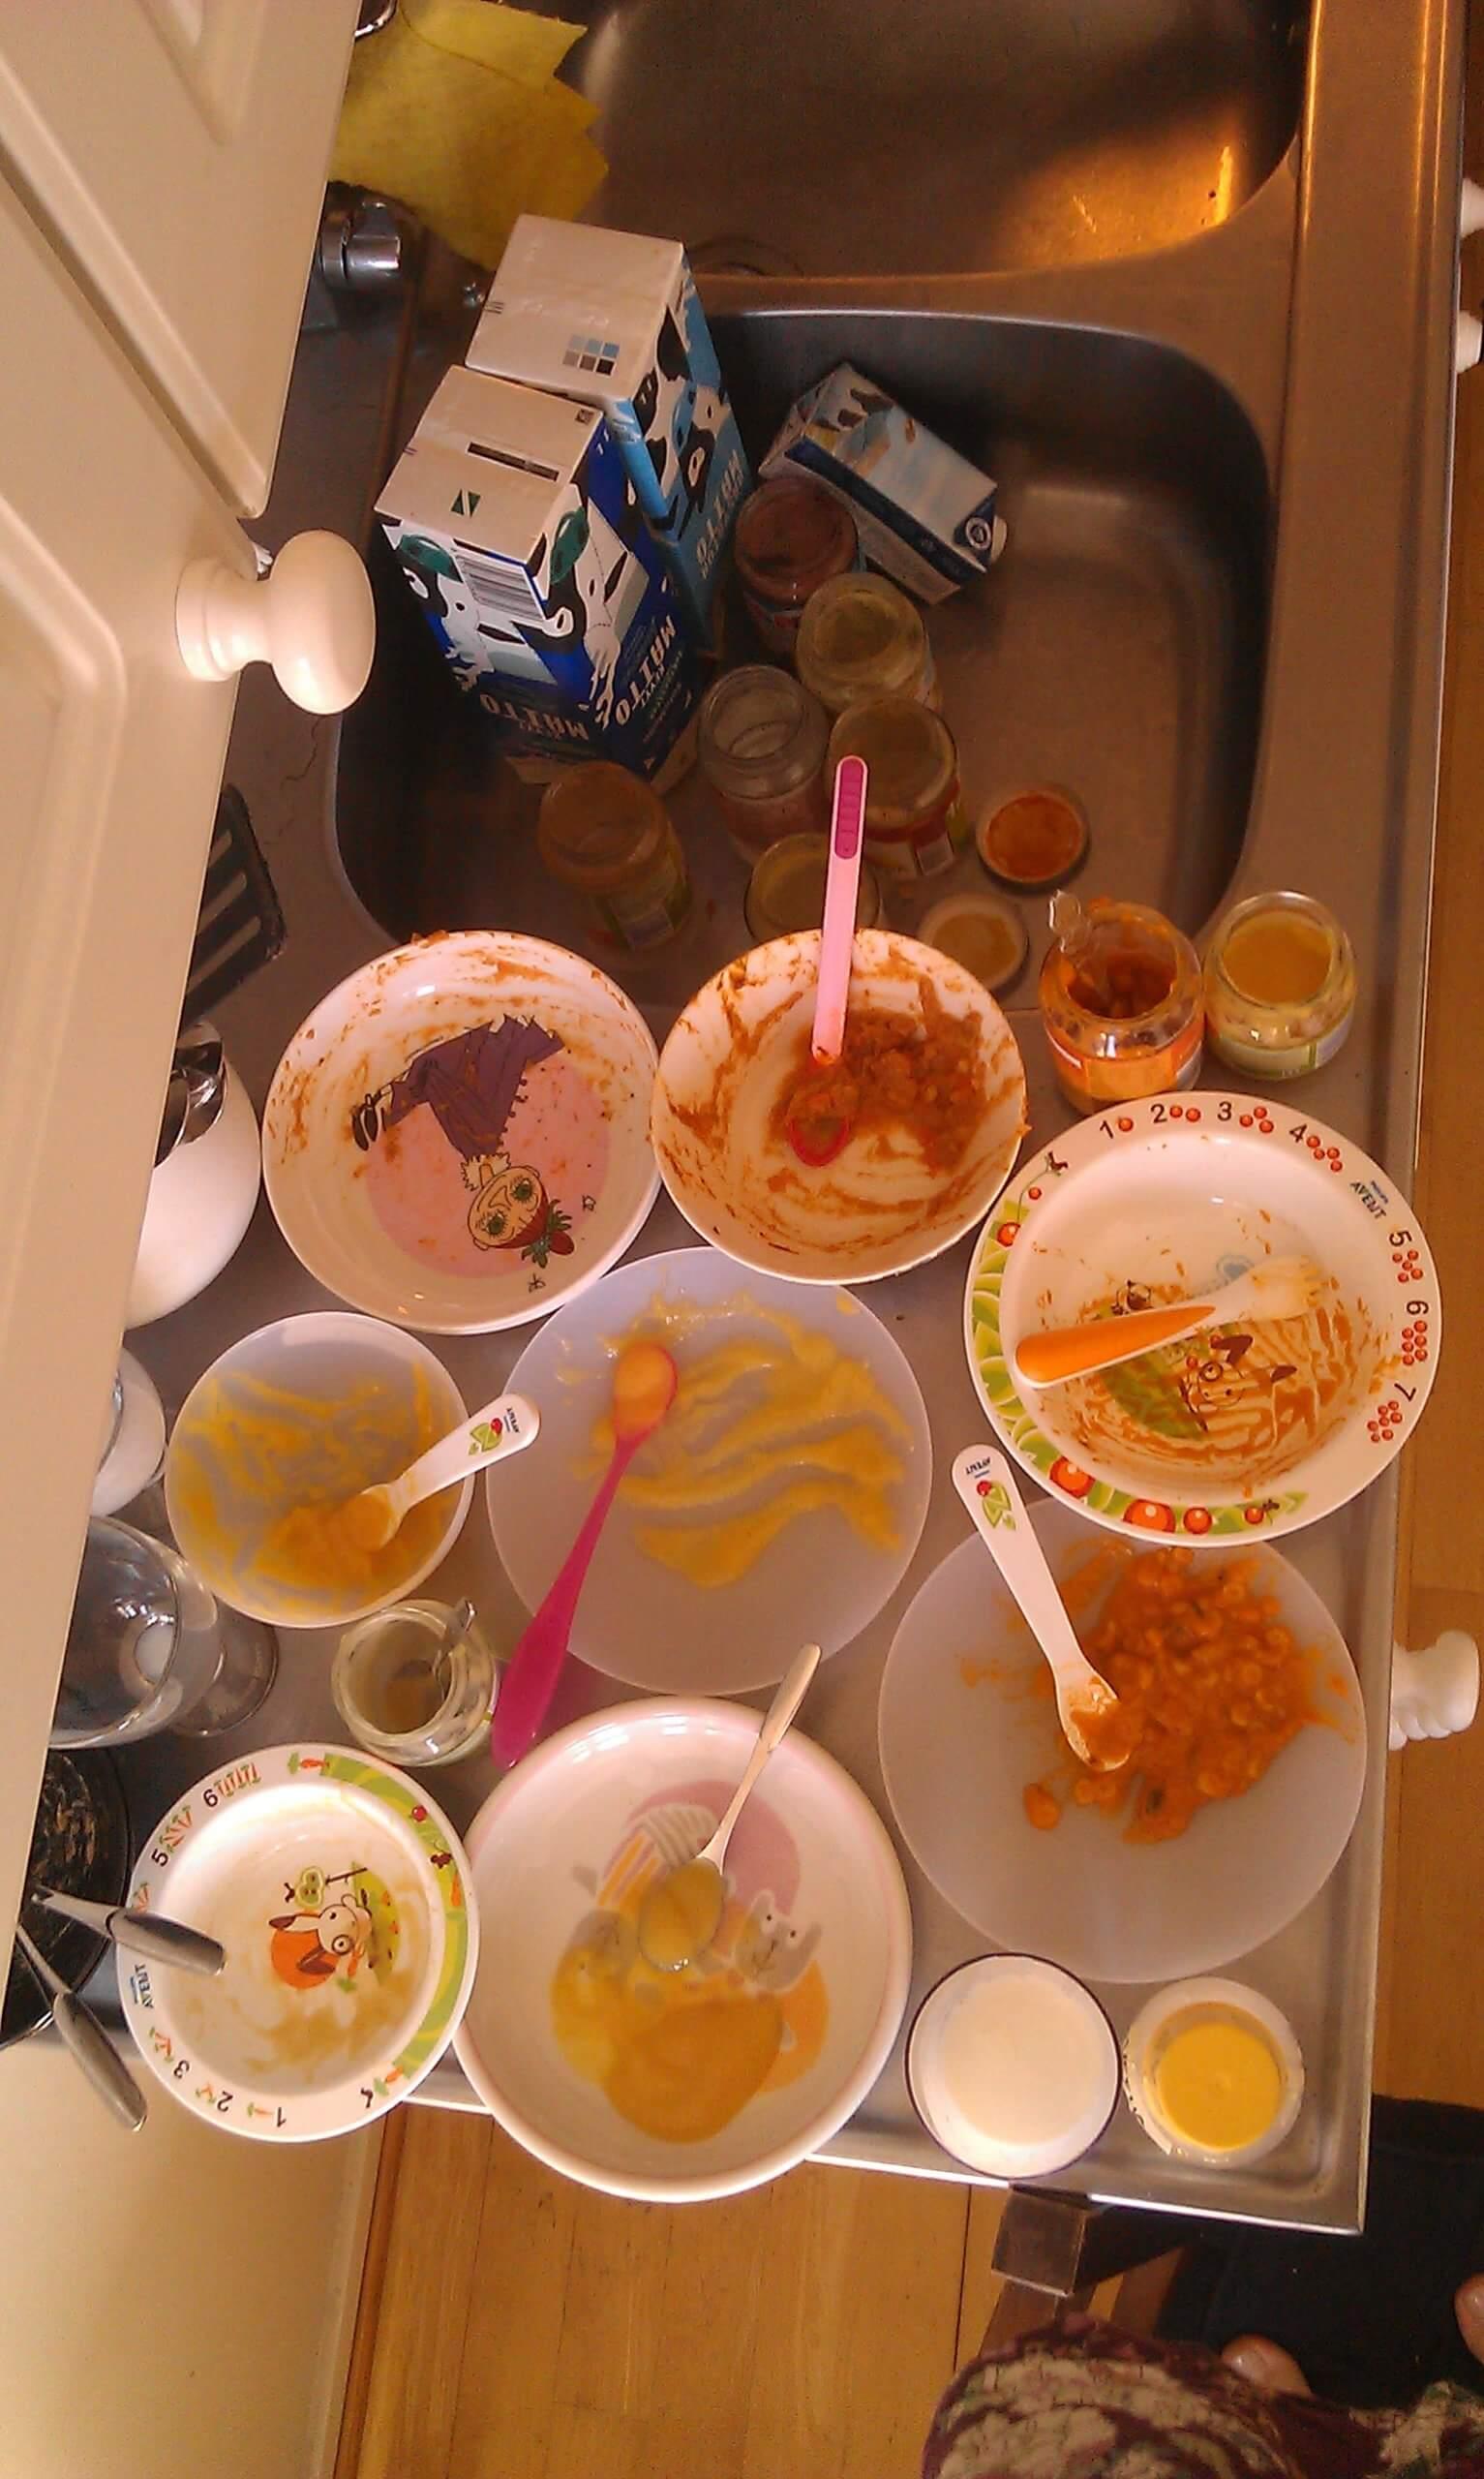 Lasten lautaset